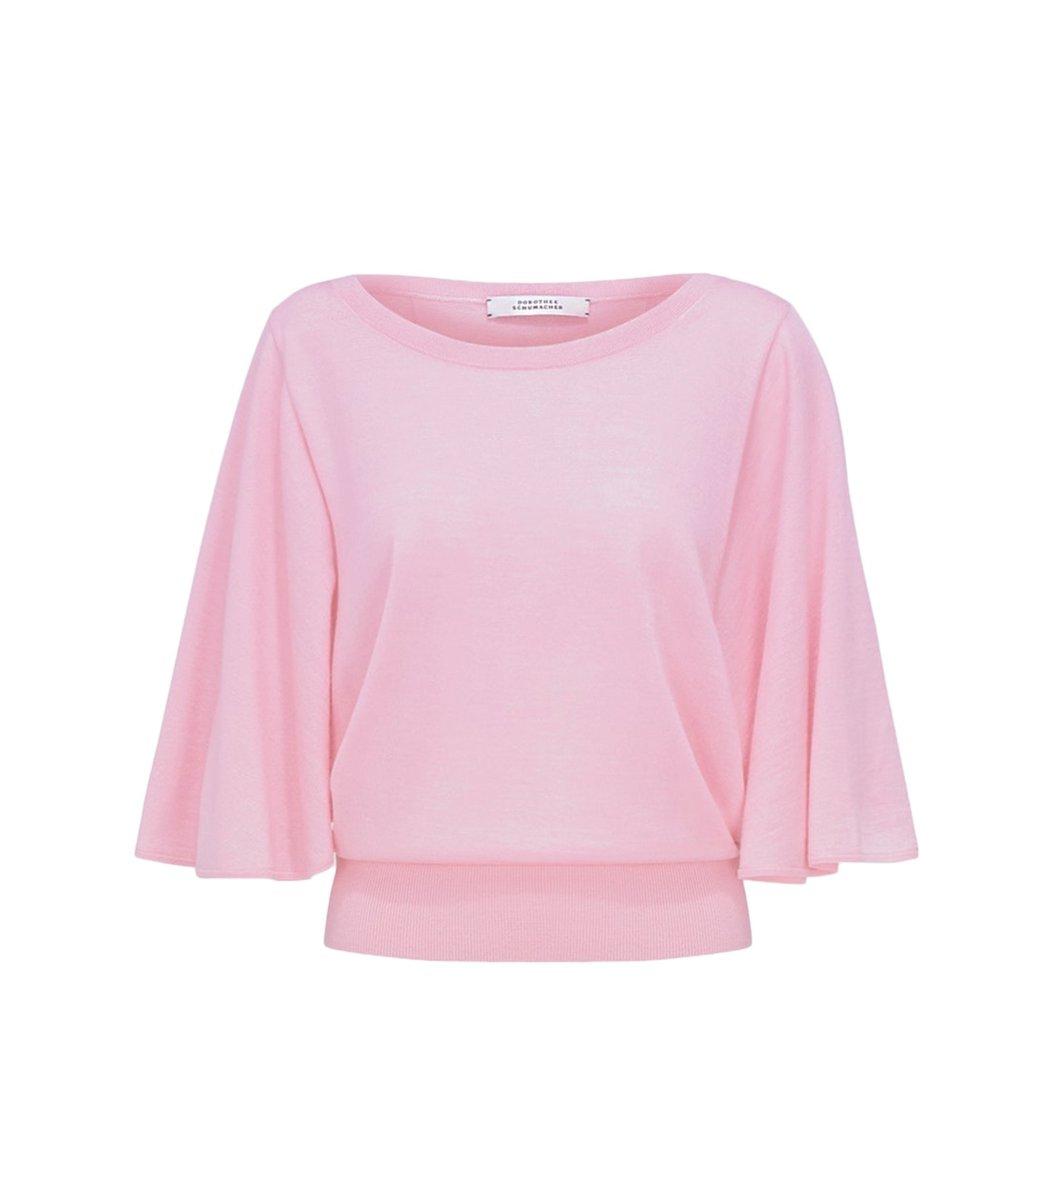 Dorothee Schumacher Surprising Attitude Tee in Baby Pink